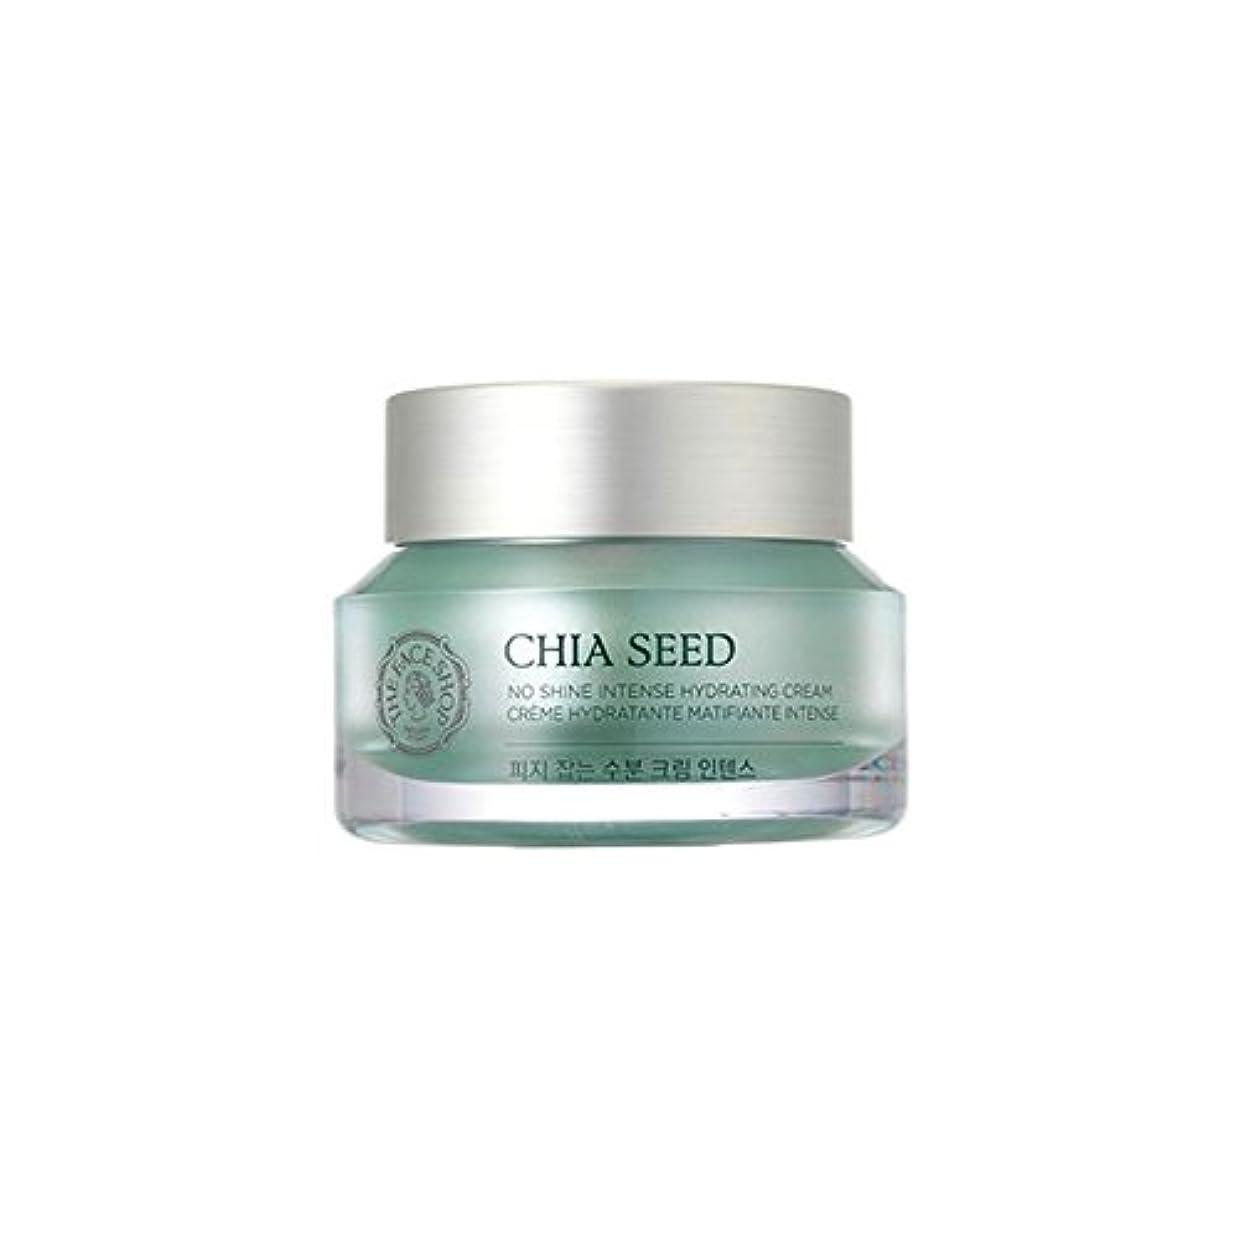 ベース通常路地[ザ·フェイスショップ]The Face Shop チアシードノーシャインインテンス水分クリーム(50ml) The Face Shop Chia Seed No Shine Intense Hydrating Cream(50ml) [海外直送品]